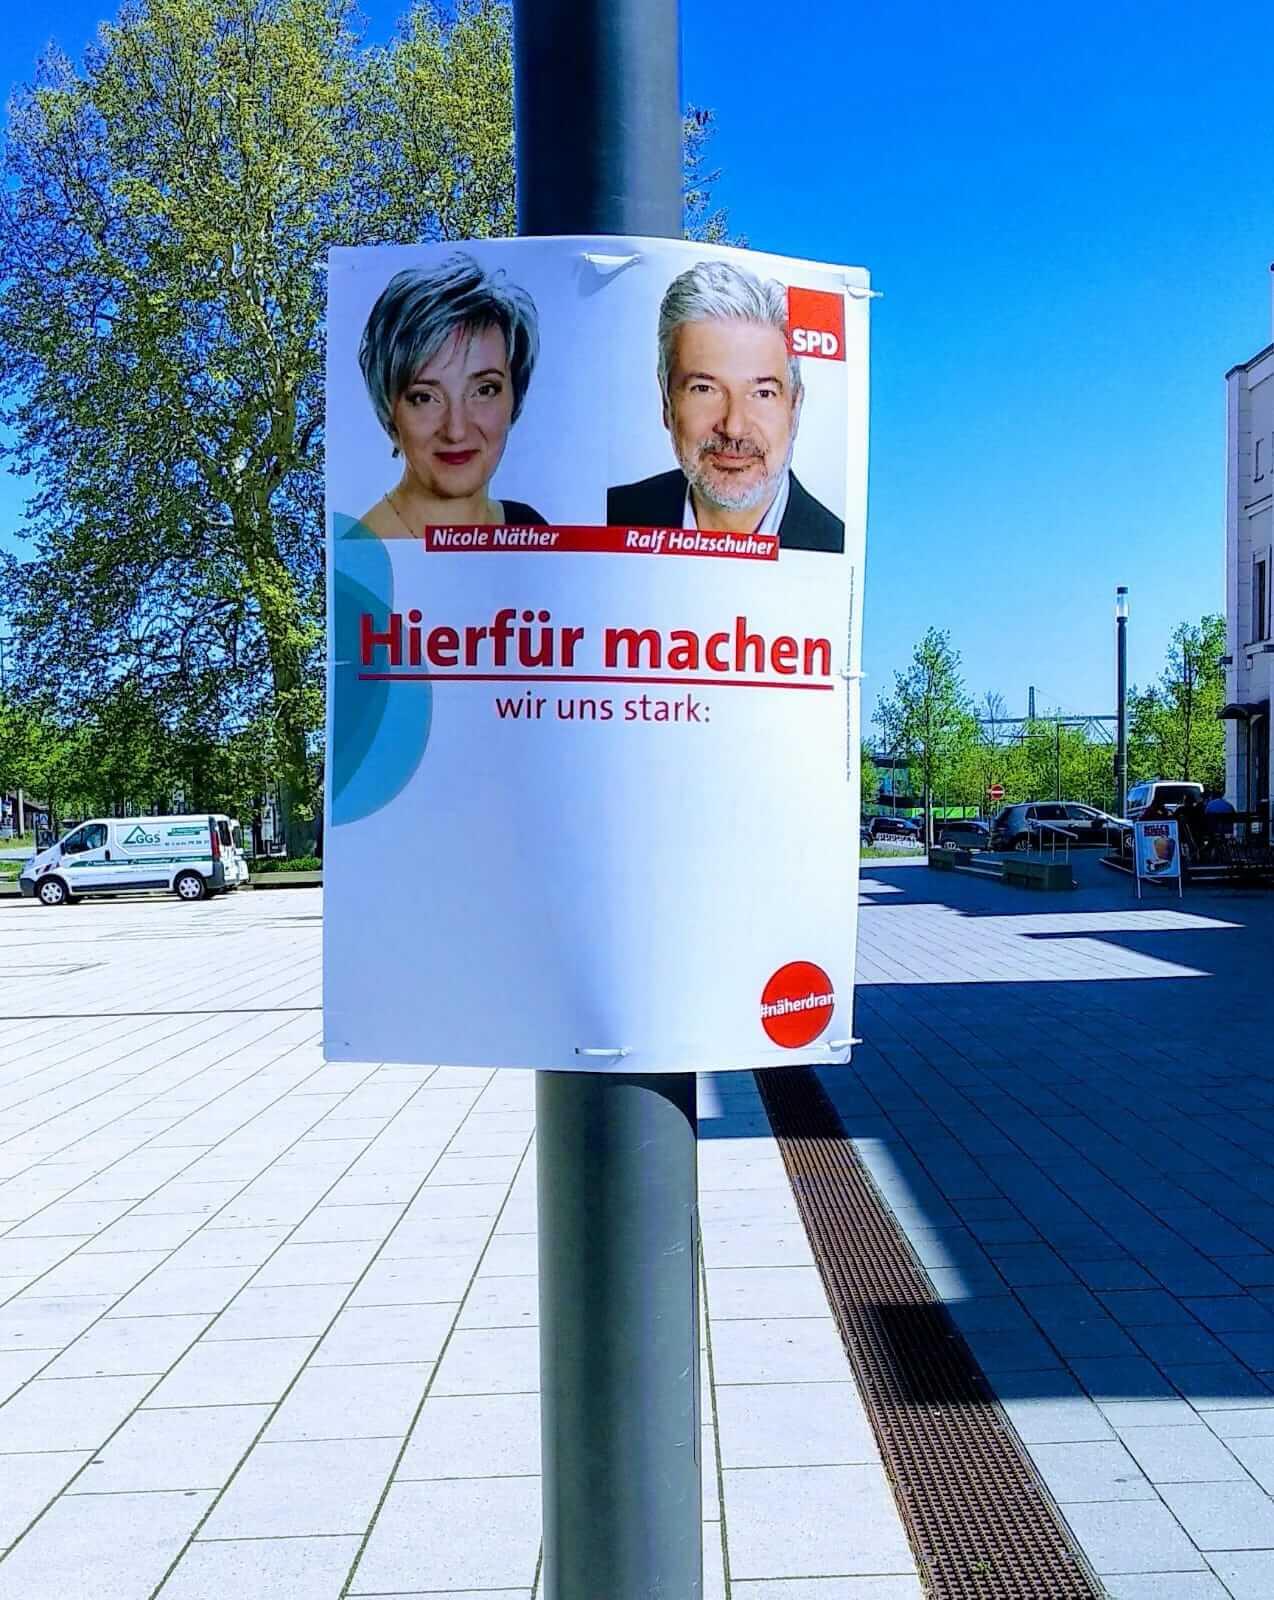 Bilderparade DL LangweileDich.net_Bilderparade_DL_72